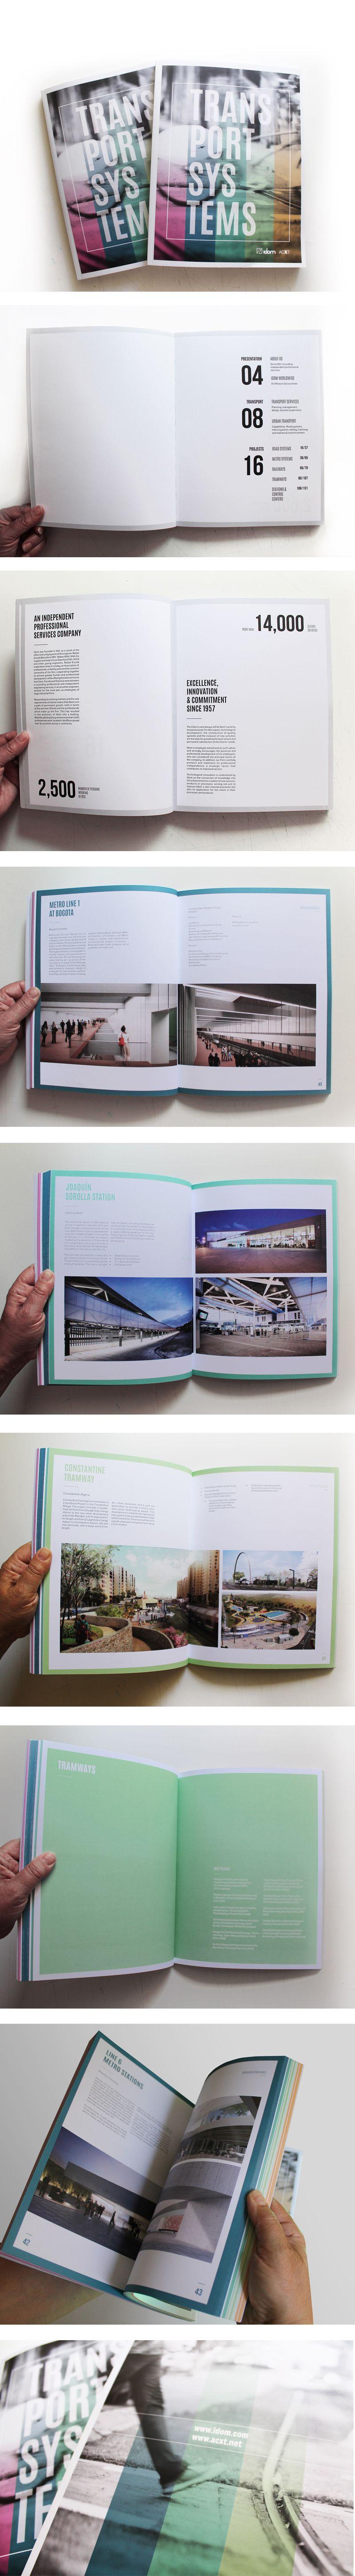 Retícula simple. | Diseño Gráfico | Pinterest | Diseño editorial ...